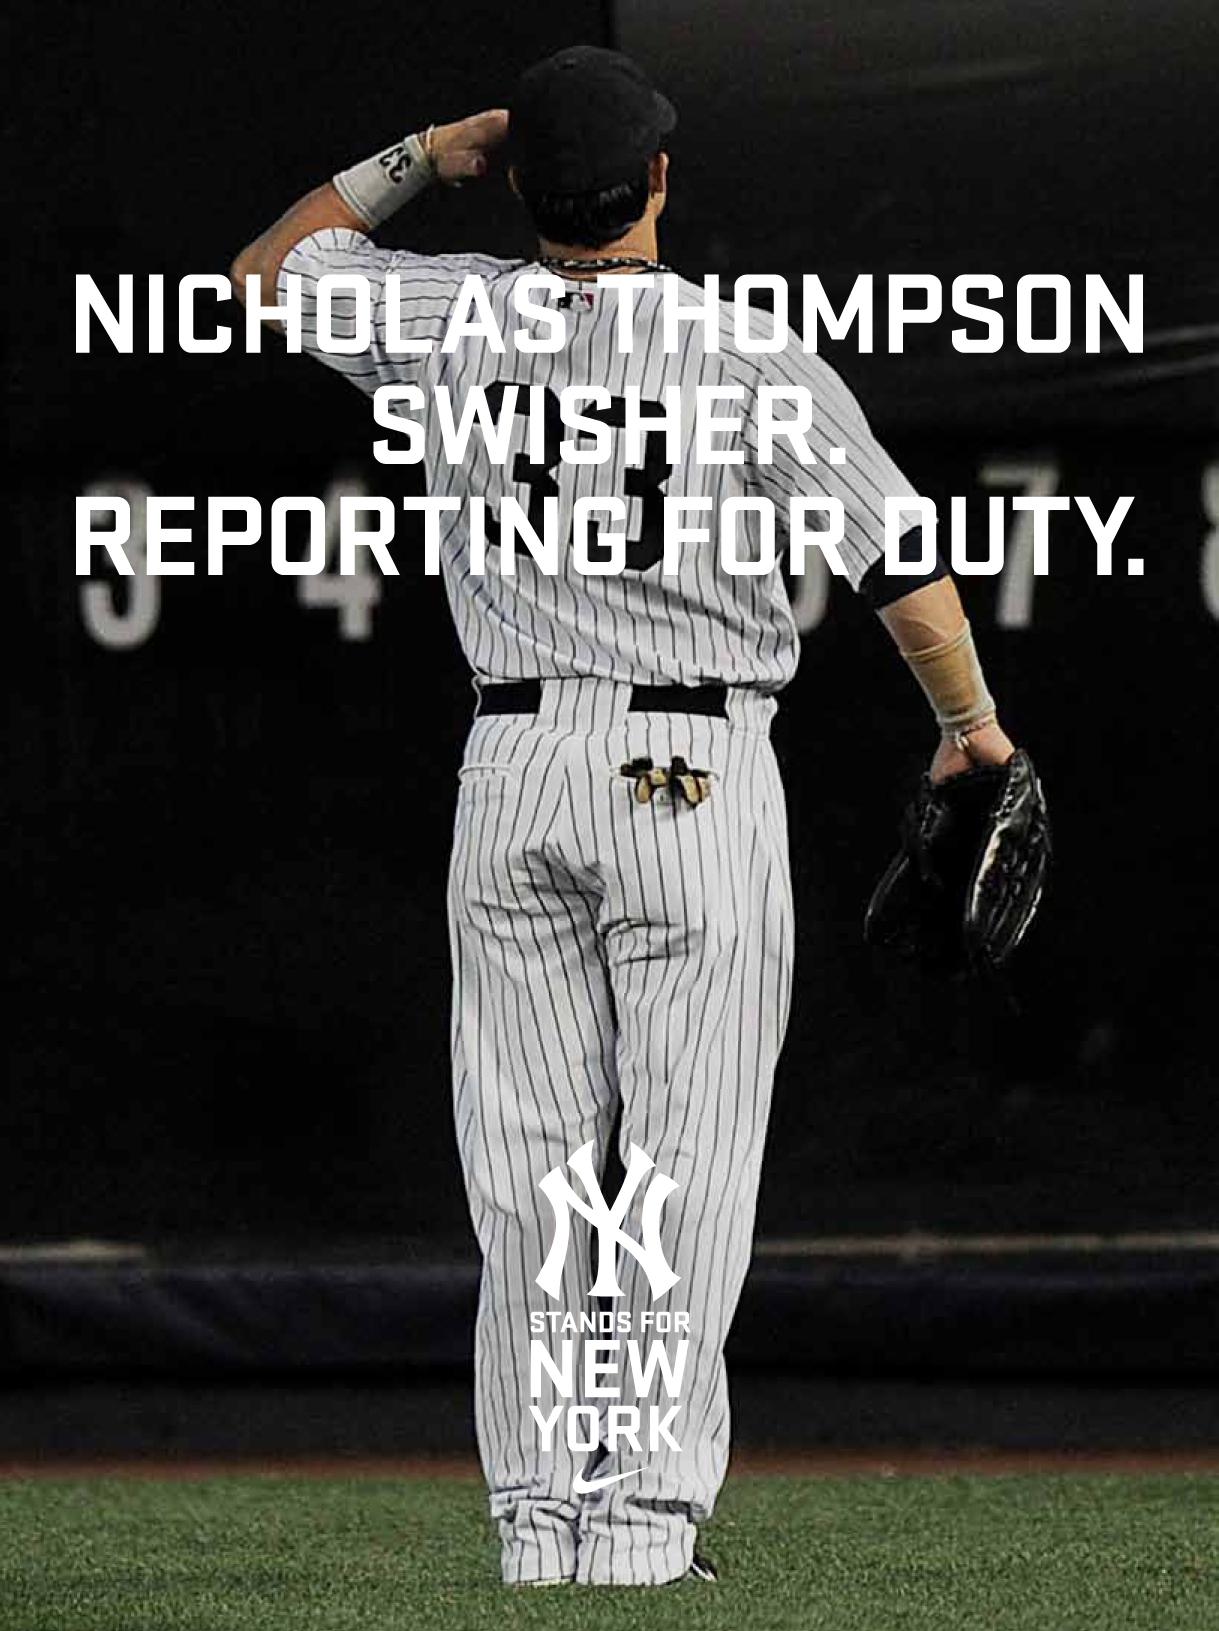 Yankees-Nick Swisher-1BE70A_o.jpg